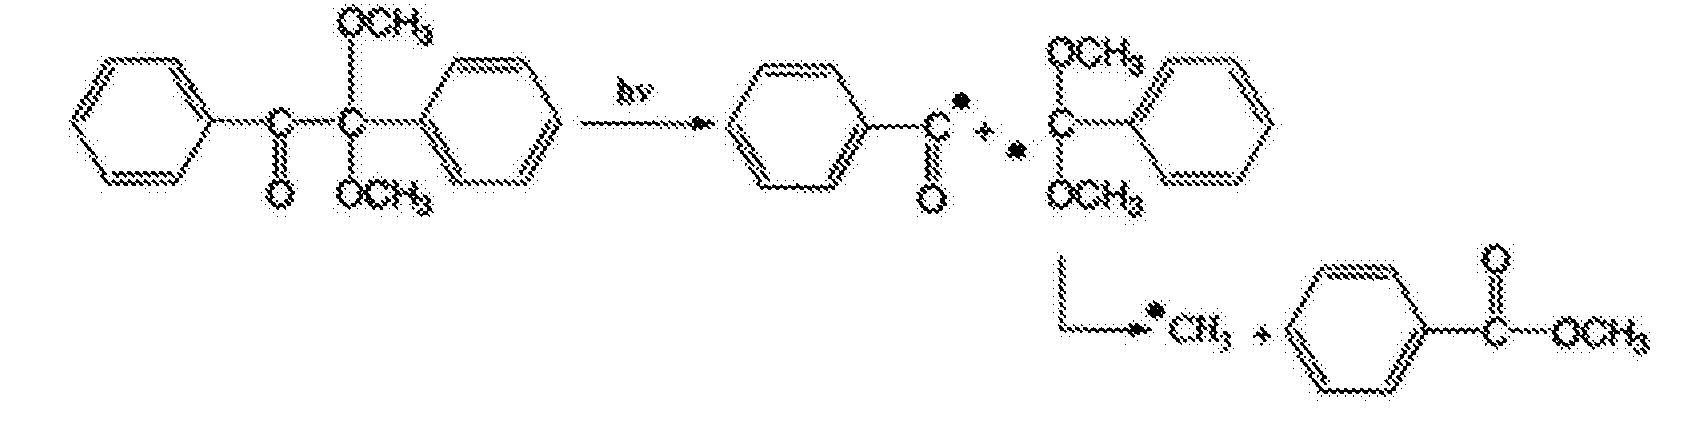 Figure CN104238198BD00094